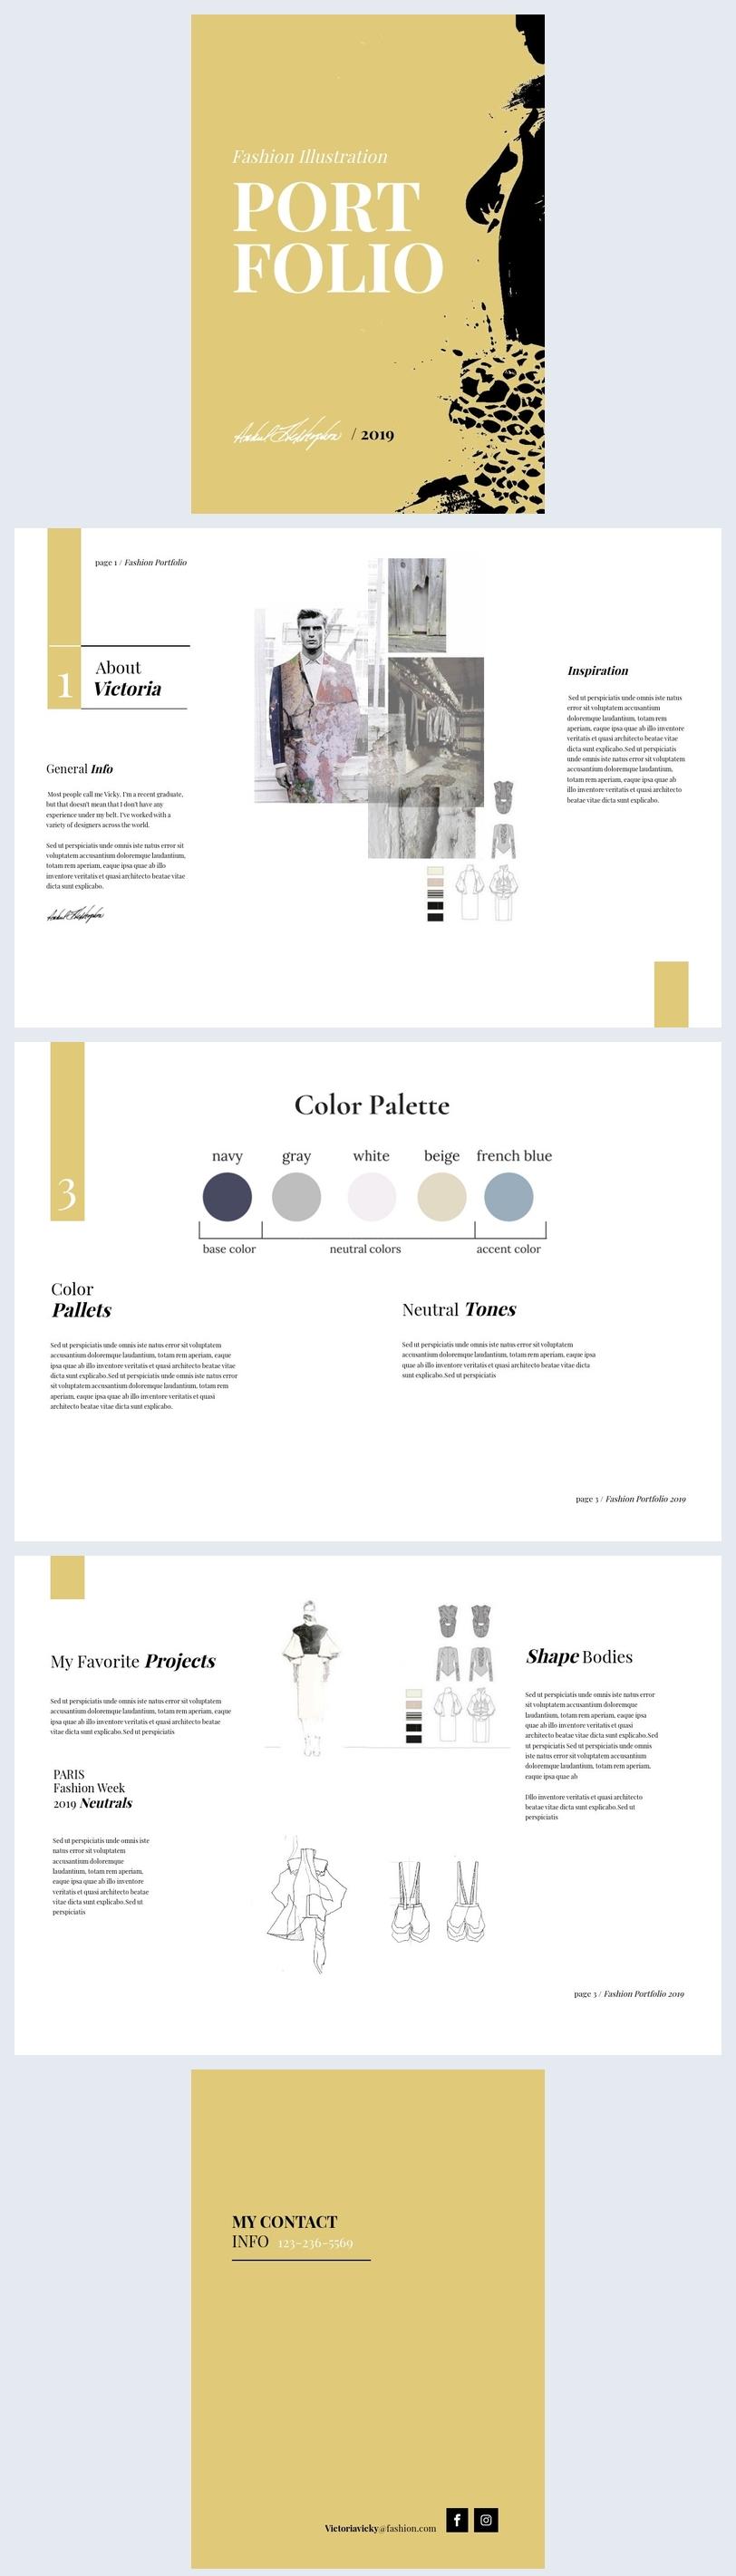 Modello per portfolio di illustrazione moda